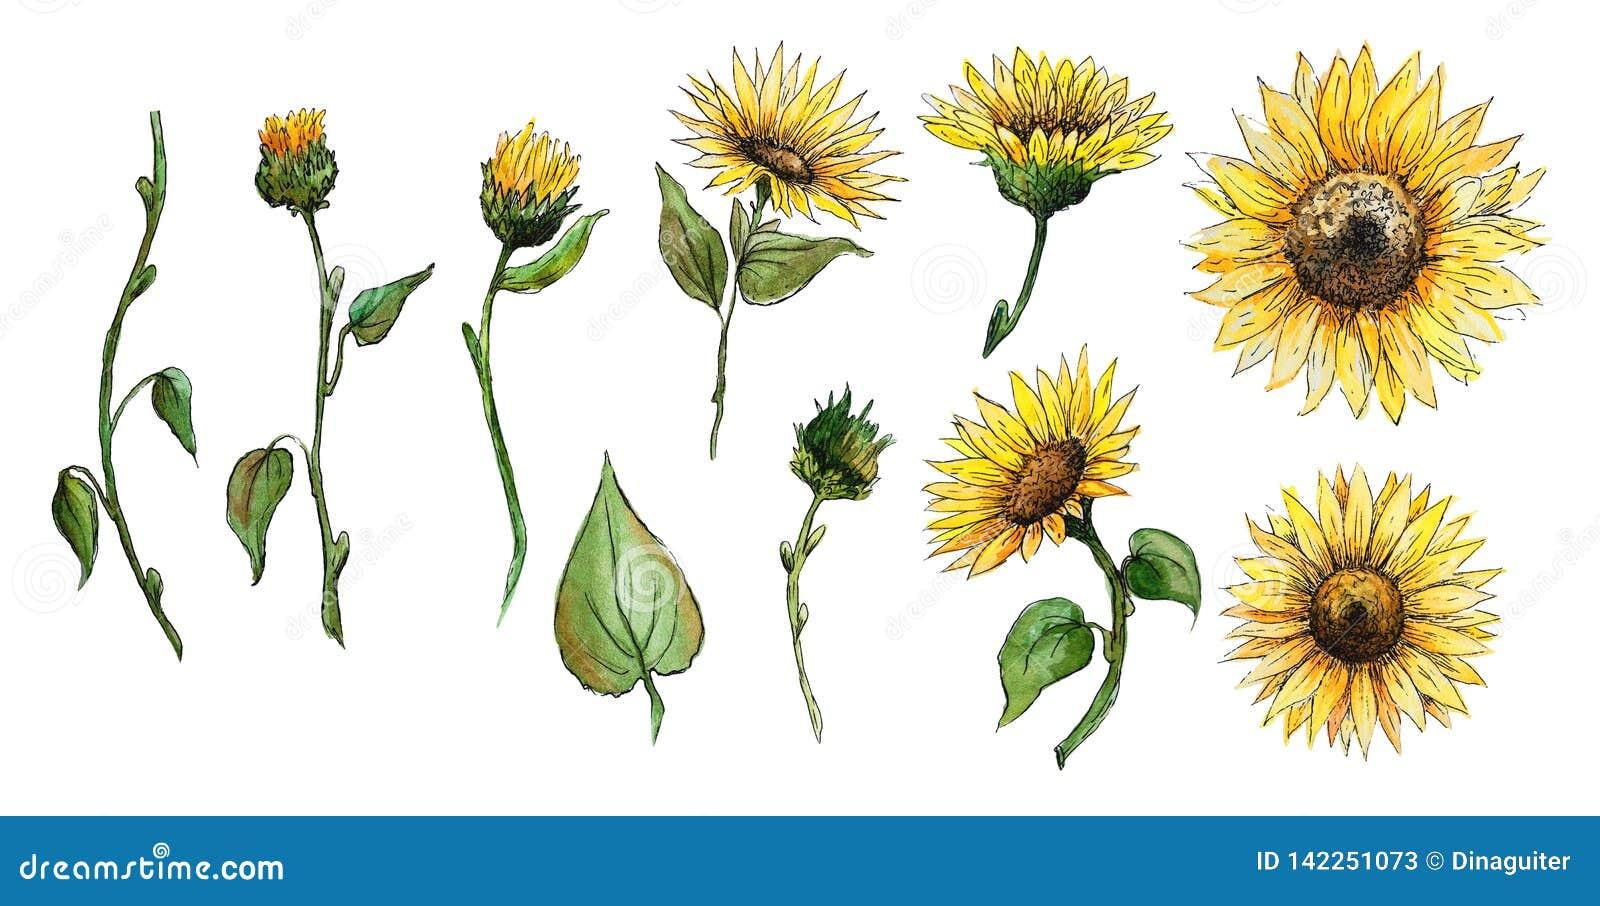 Fije de las flores de los elementos, brotes, tallos de los gráficos de una acuarela del girasol aislados